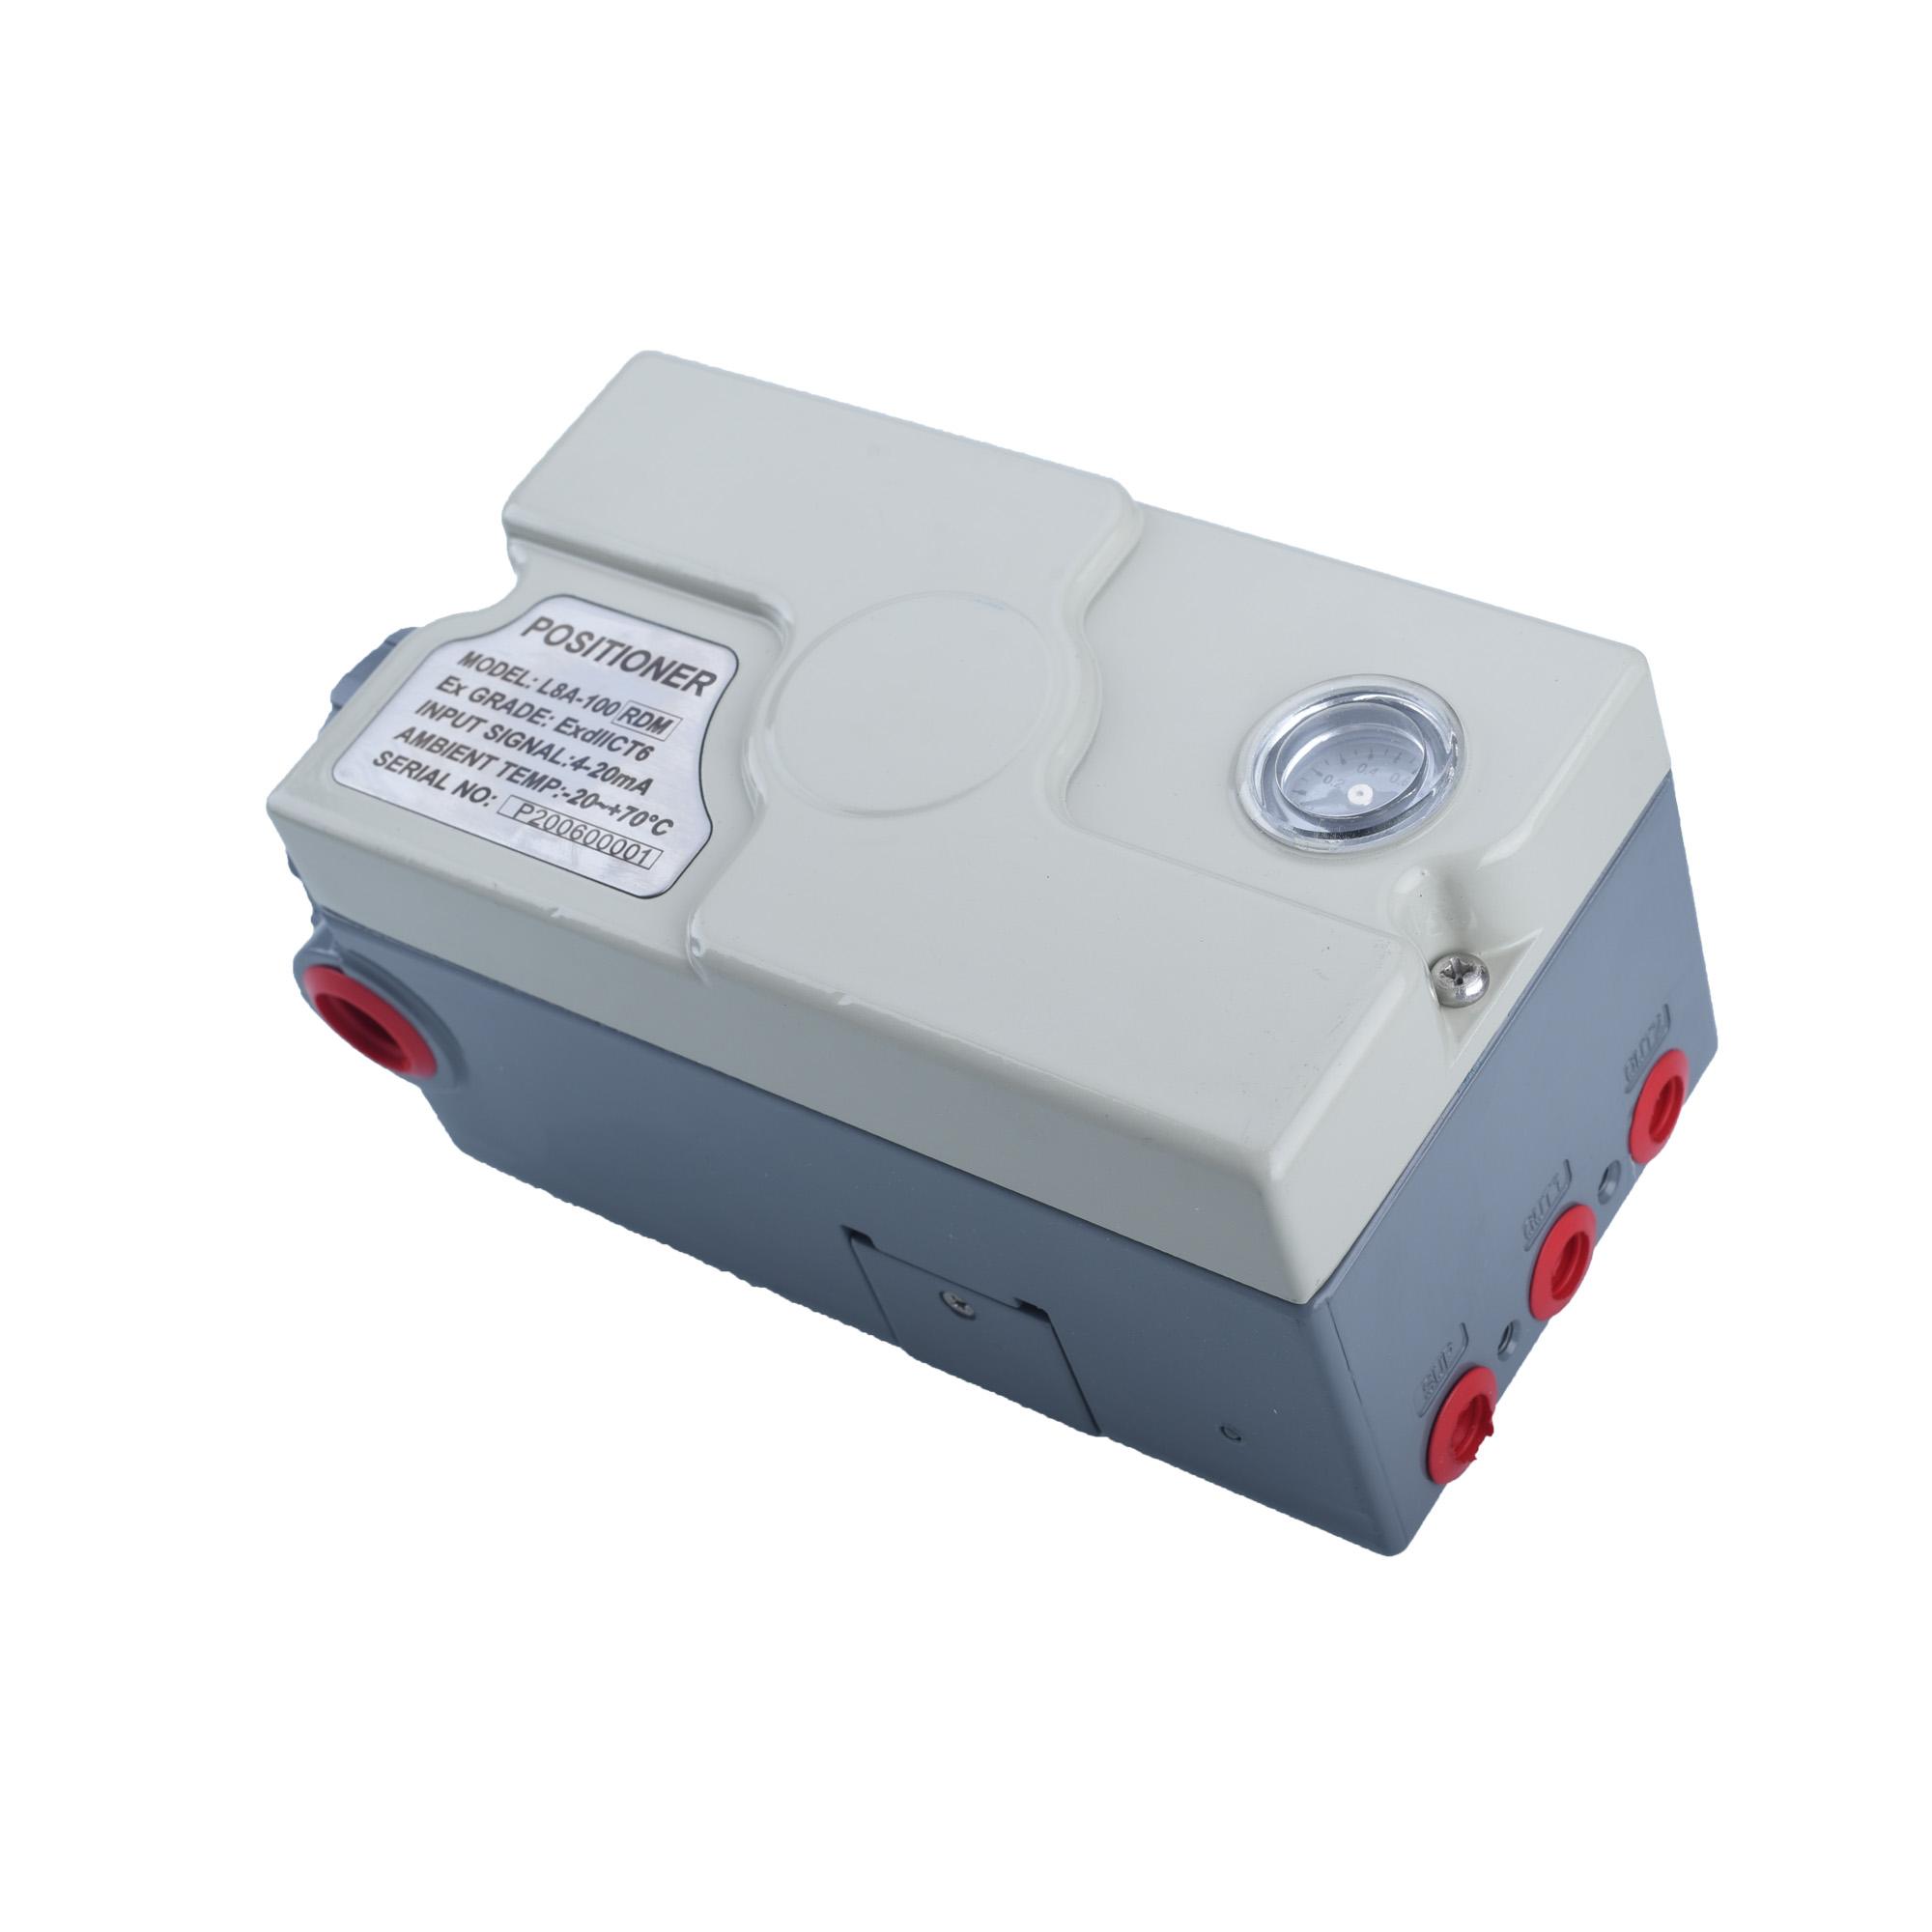 Eletroposicionador L8A100-rd